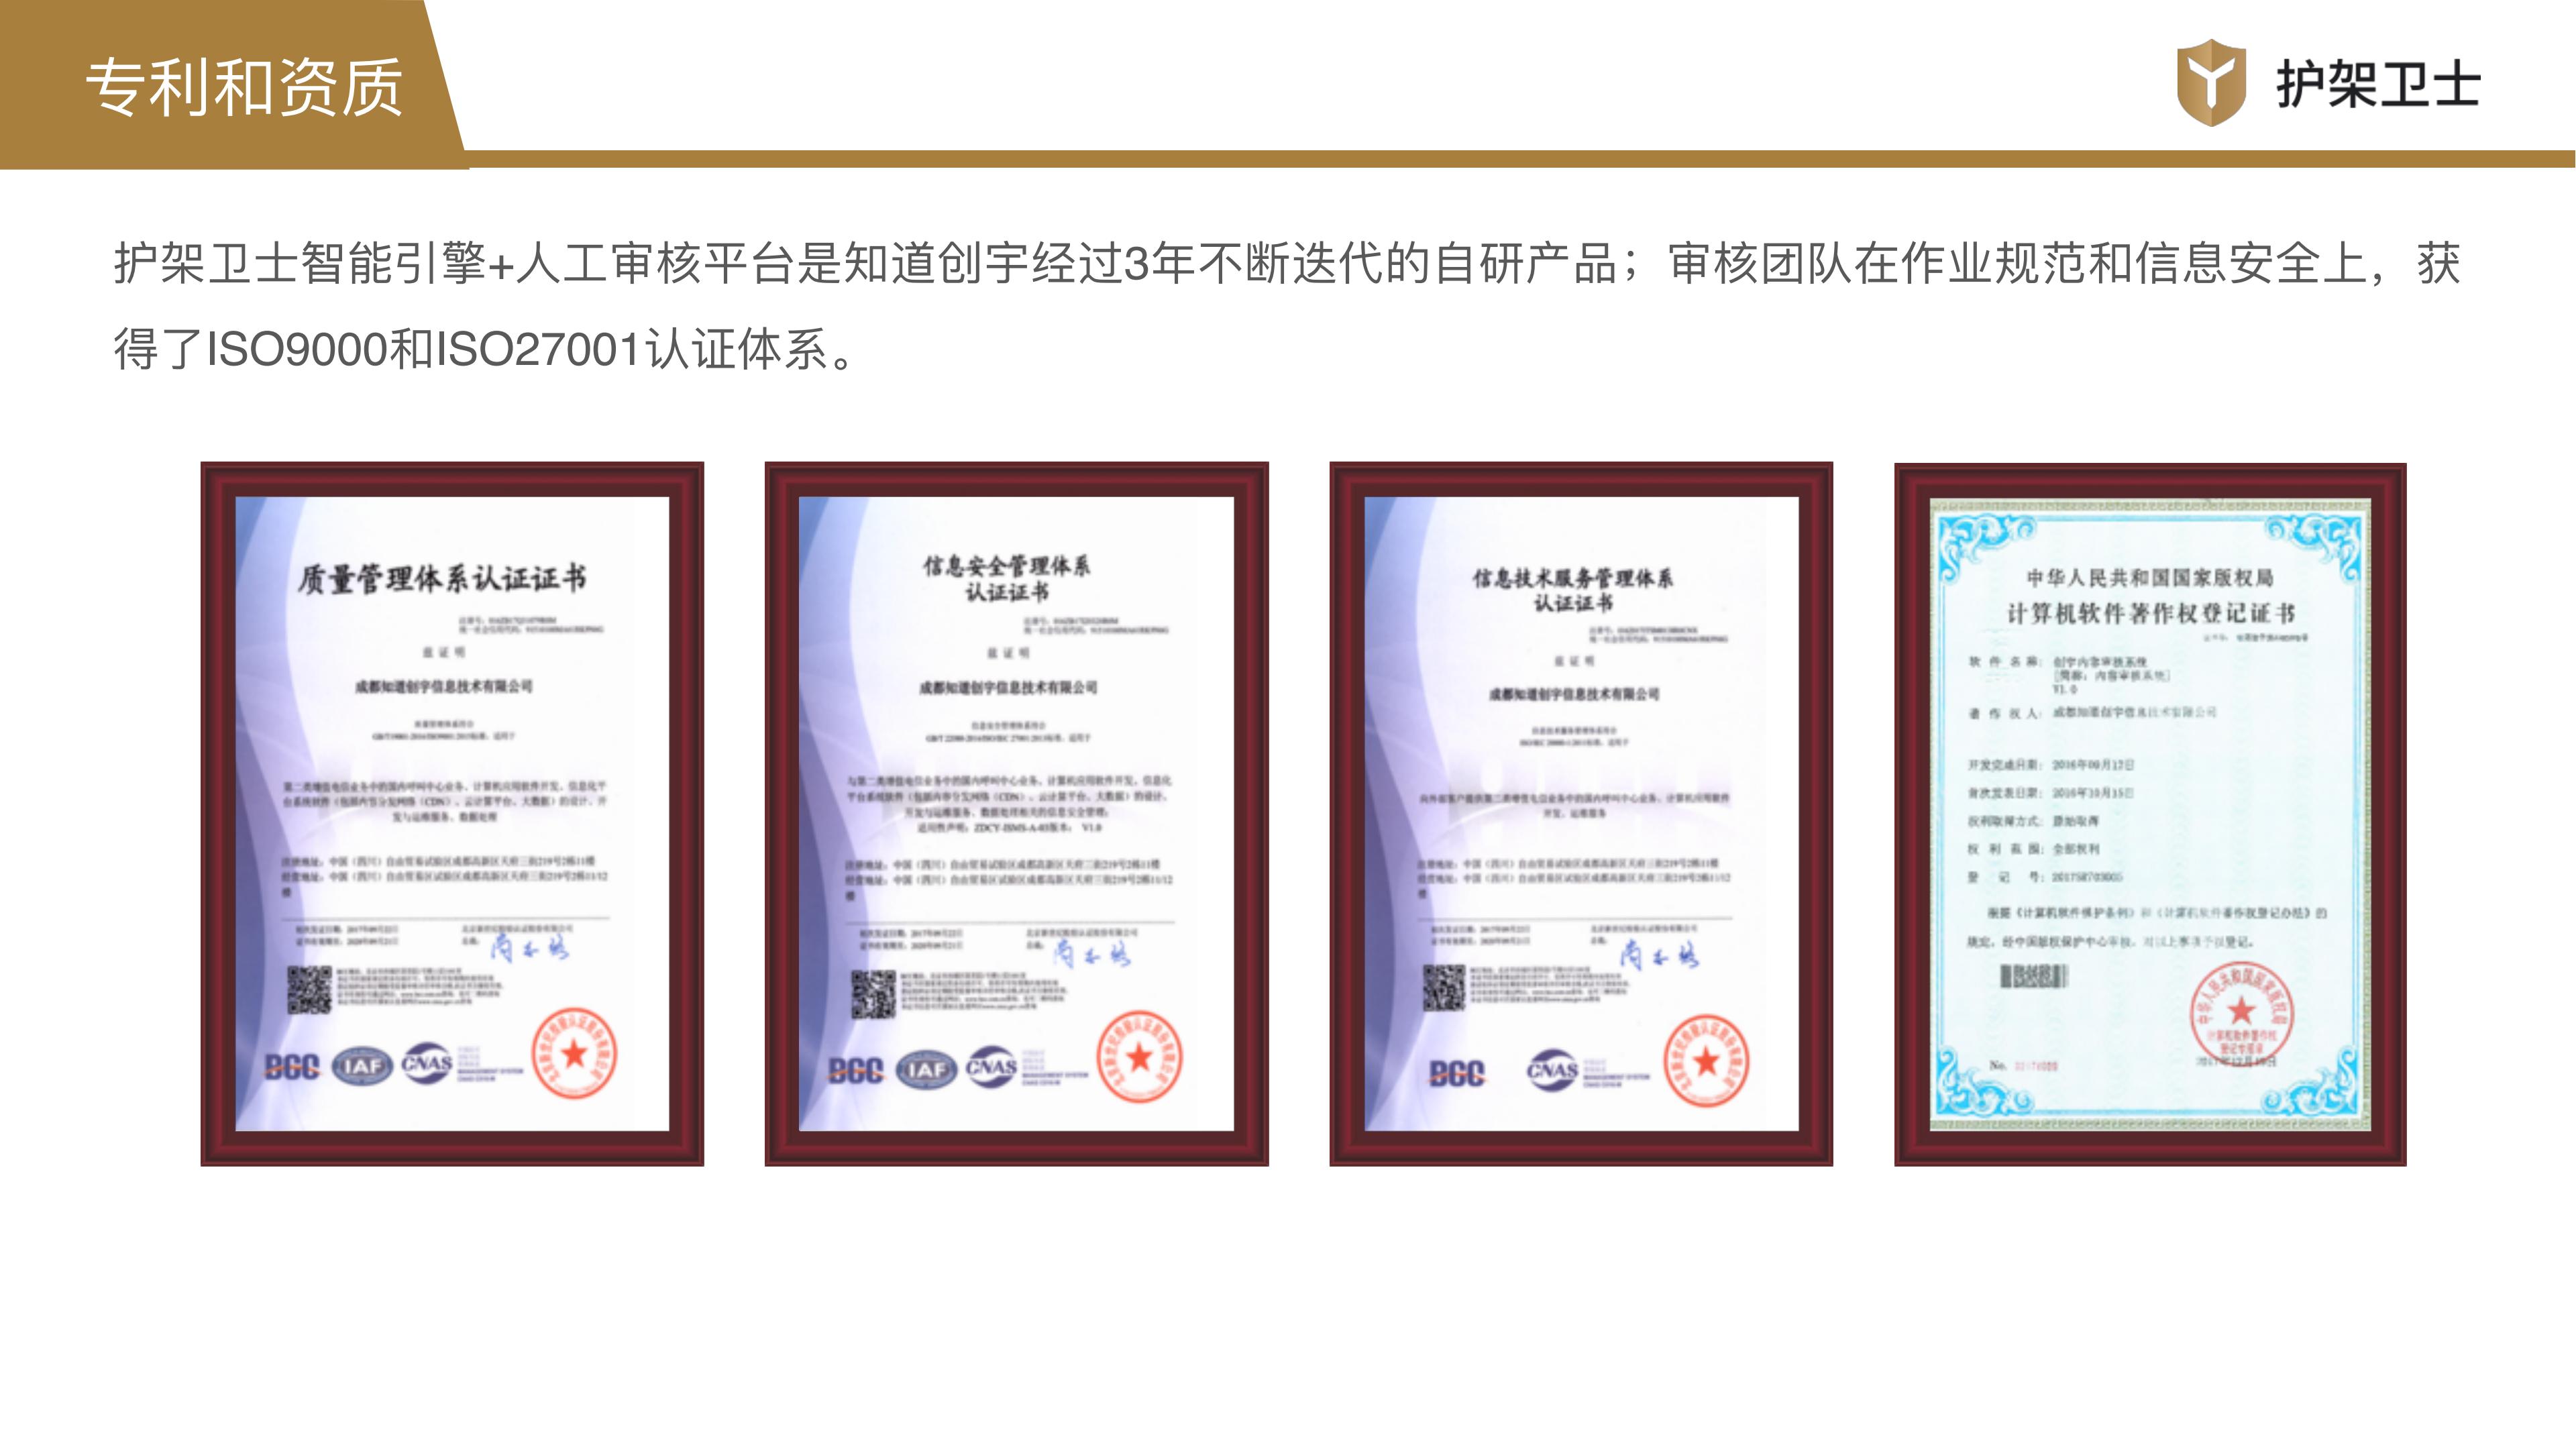 护架卫士产品介绍1.2_17.png